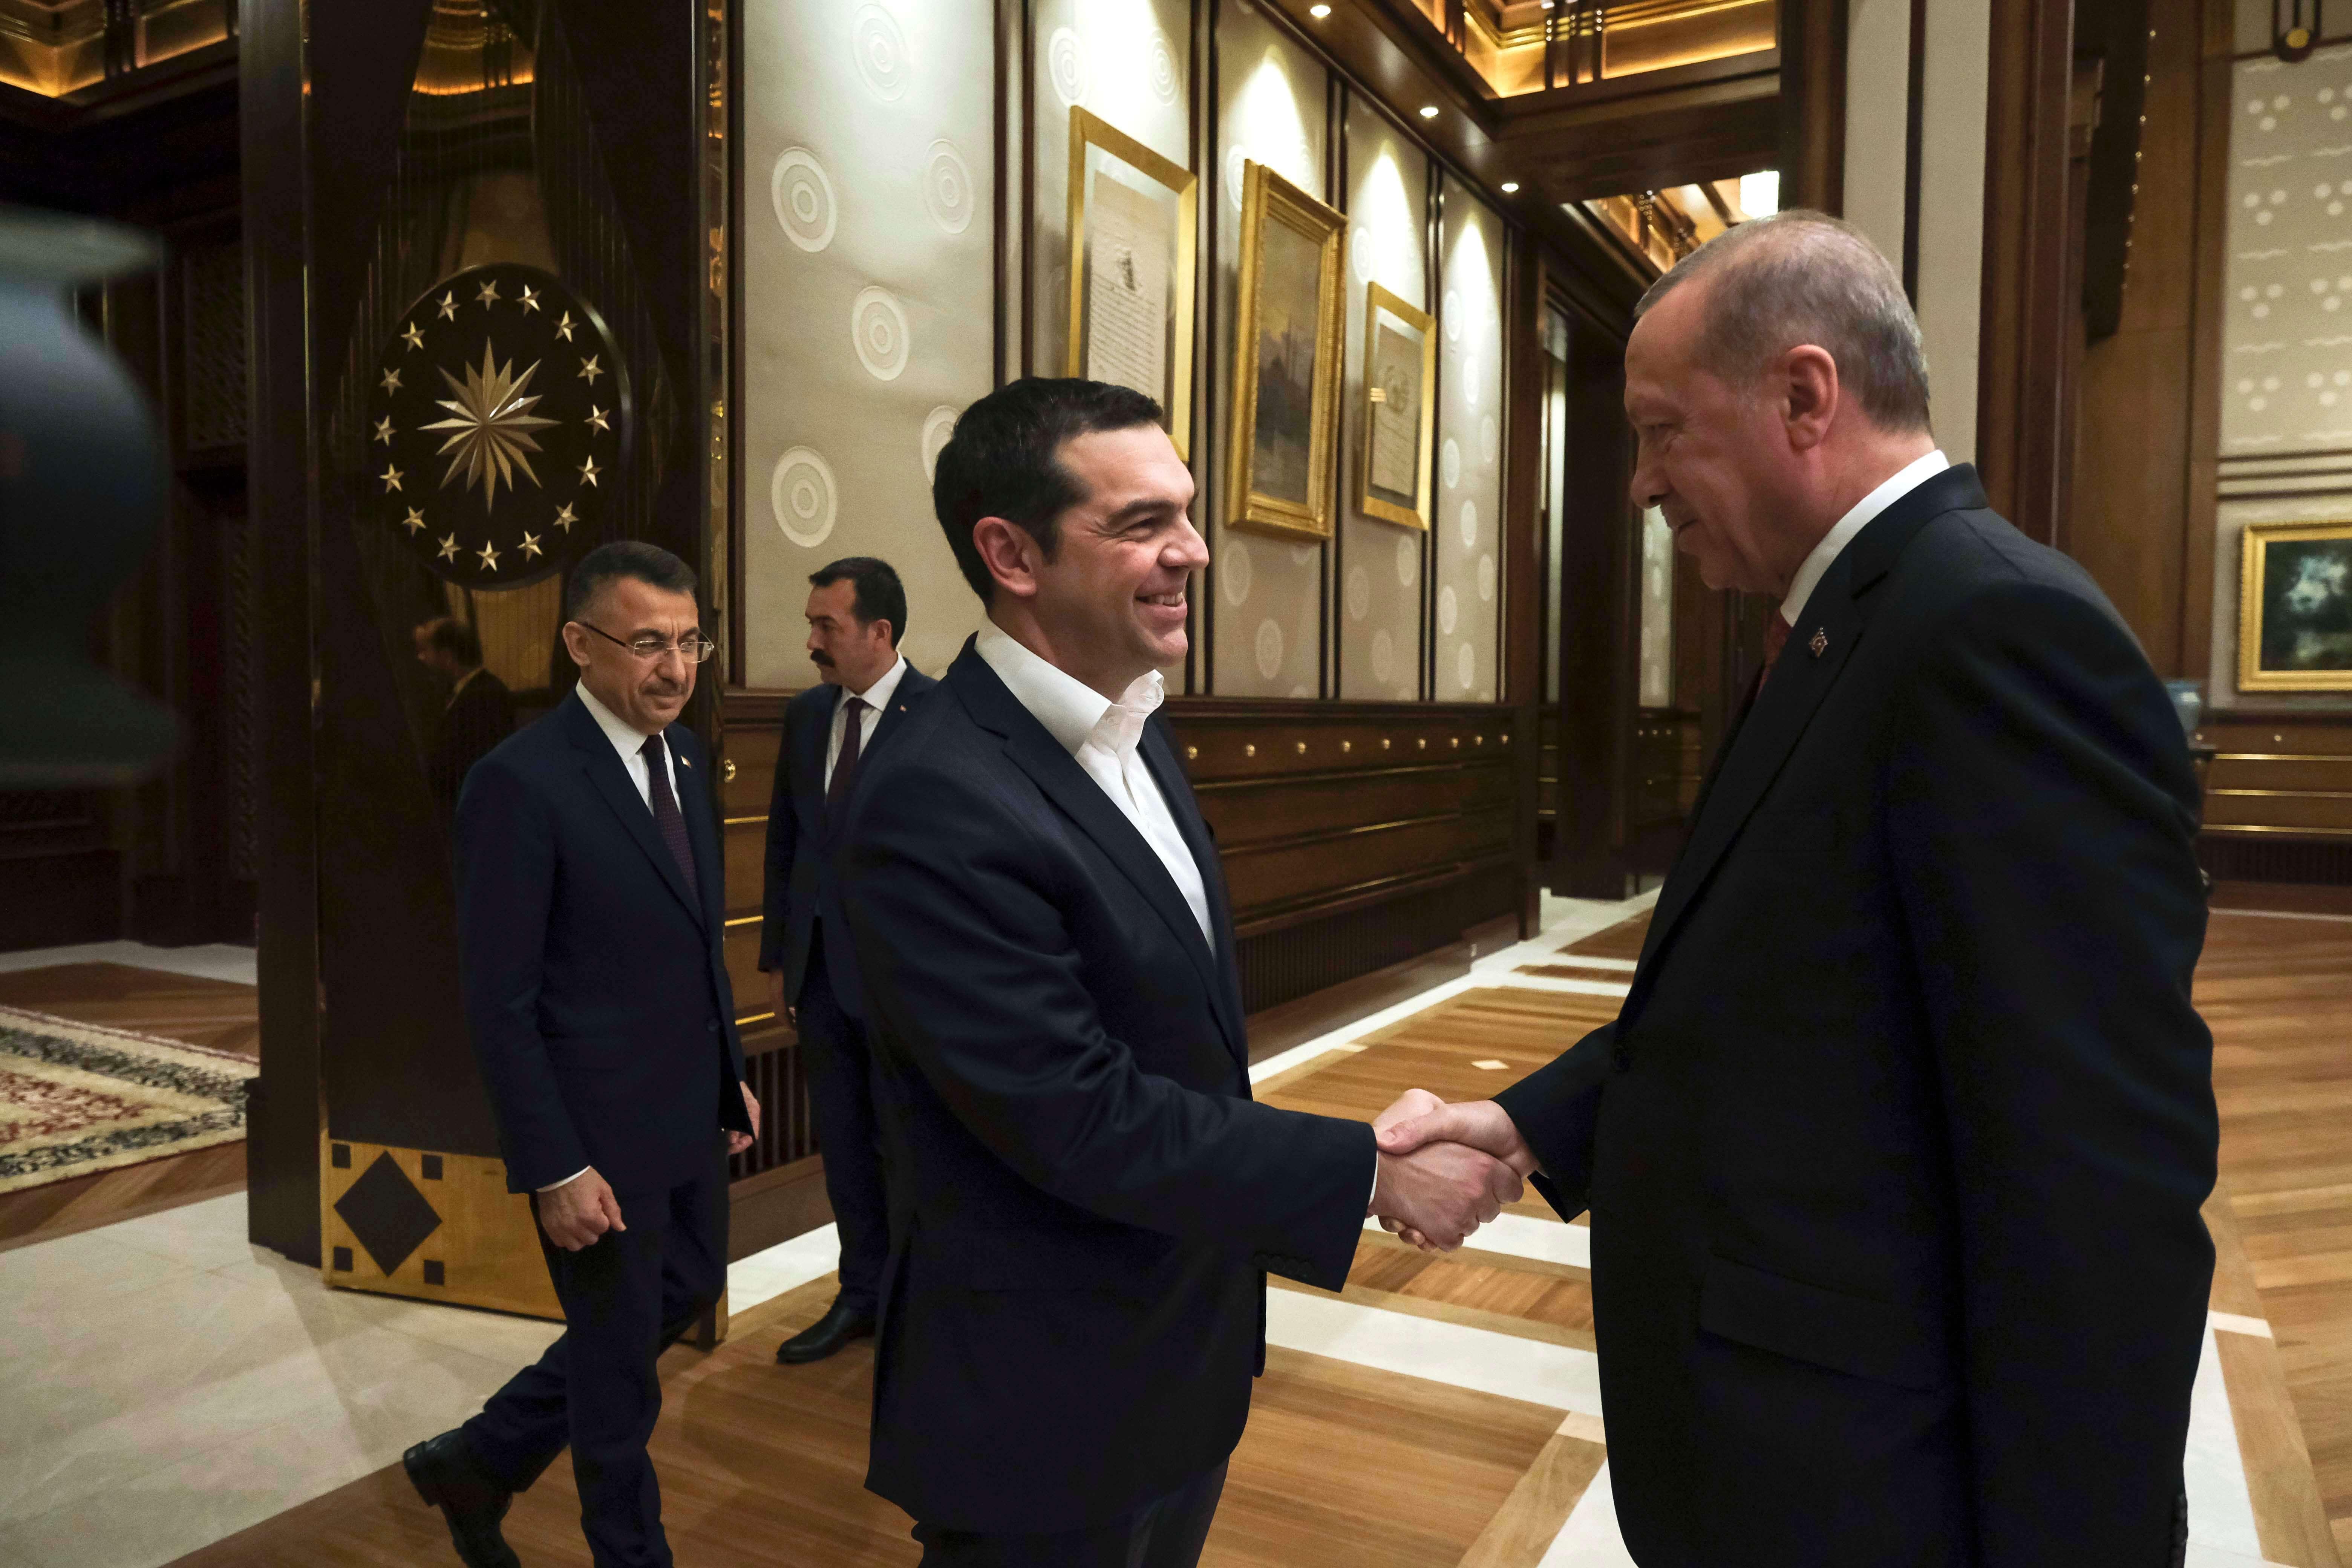 Τσίπρας σε Ερντογάν: Φεύγεις από την Κύπρο και σε βάζω στα ενεργειακά!